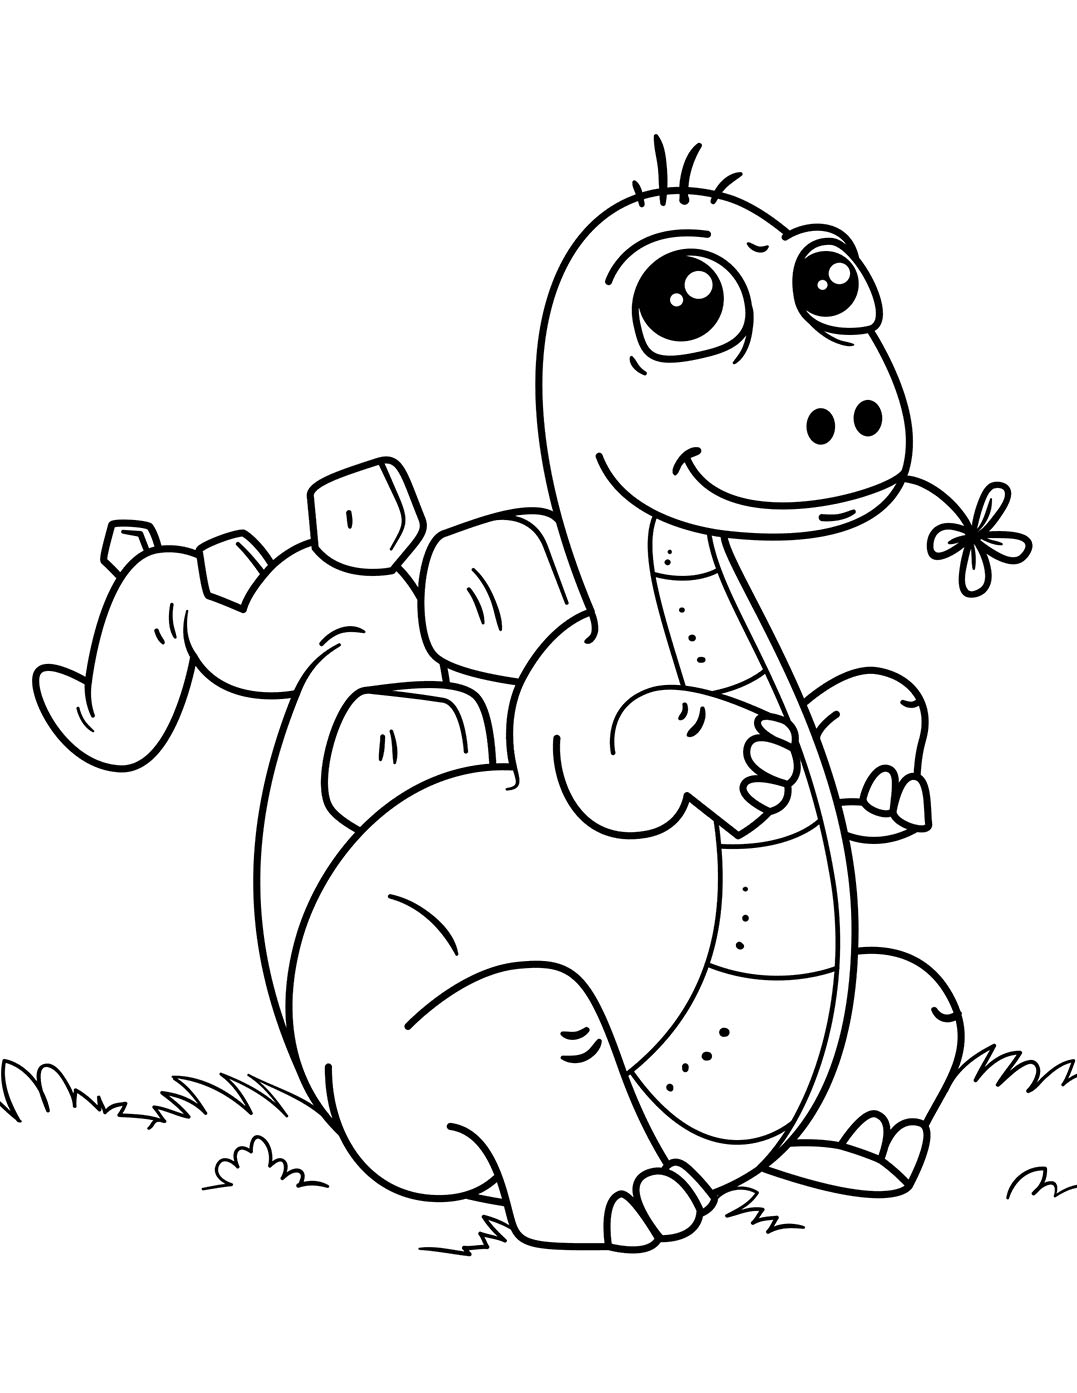 Coloriage d'un petit dinosaure avec sa fleur !